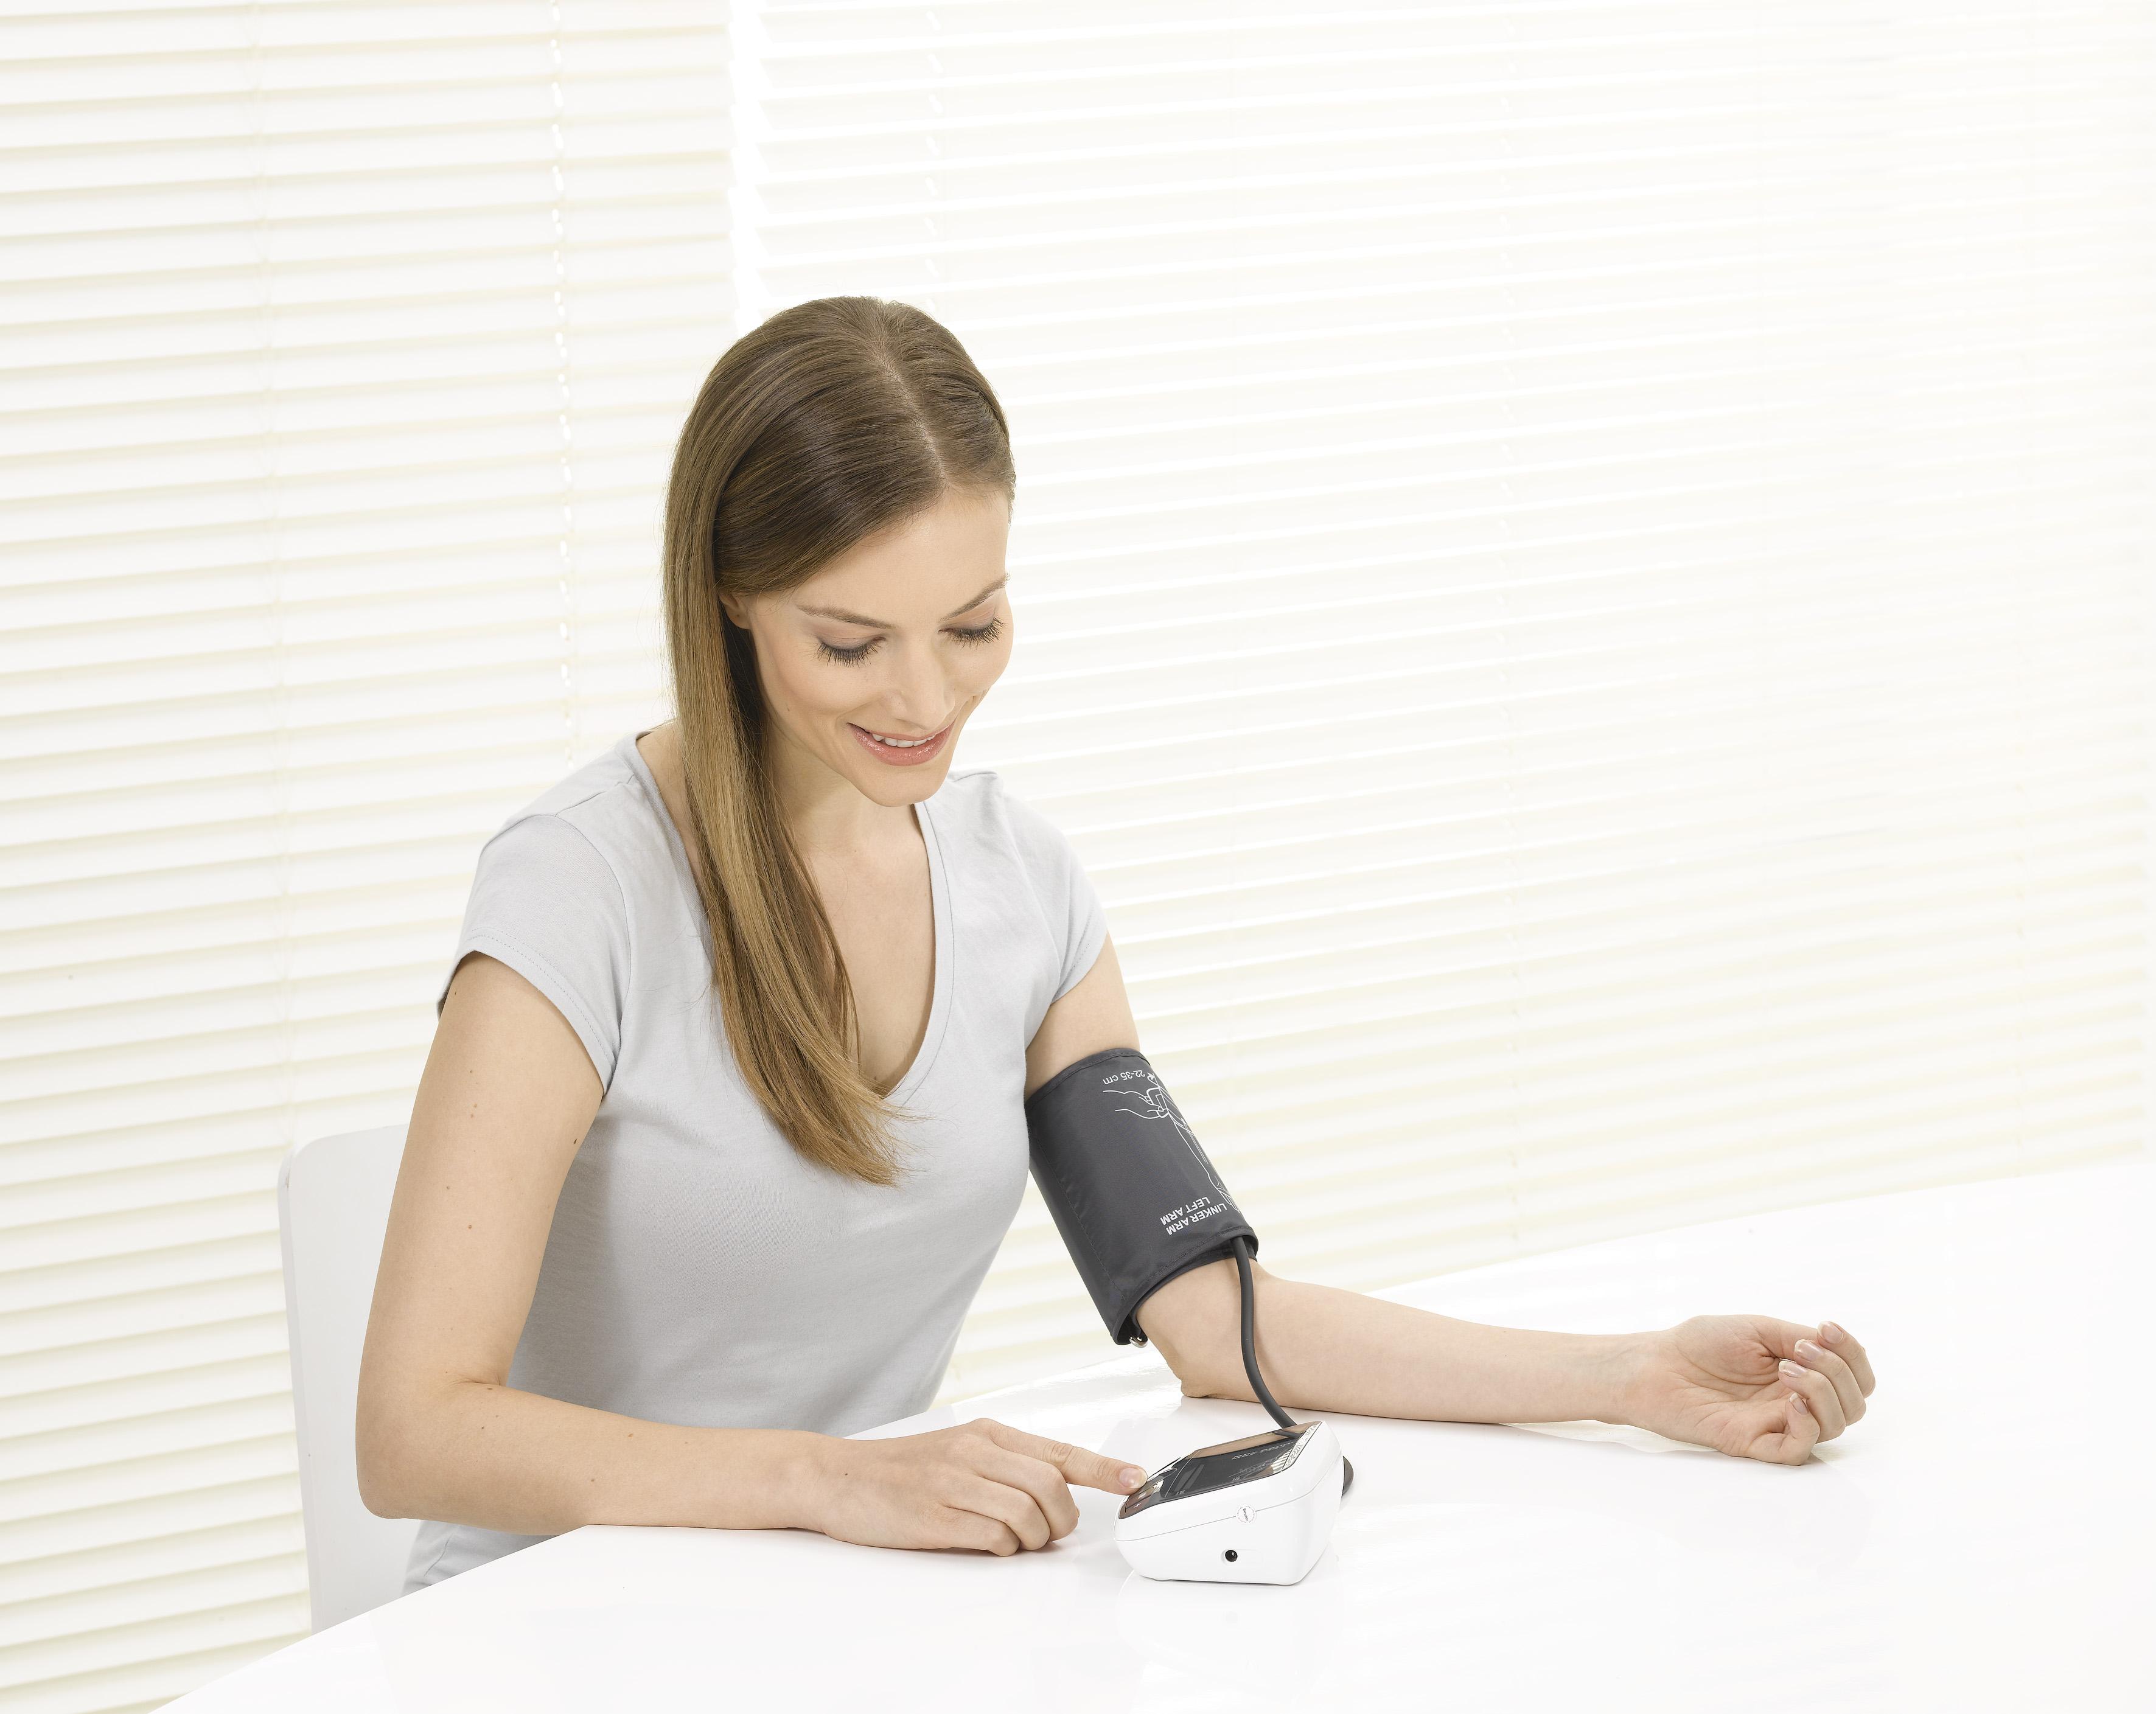 Máy đo huyết áp Microlife A3 Basic áp dụng các công nghệ độc quyền, mới nhất hiện đại nhất của Microlife